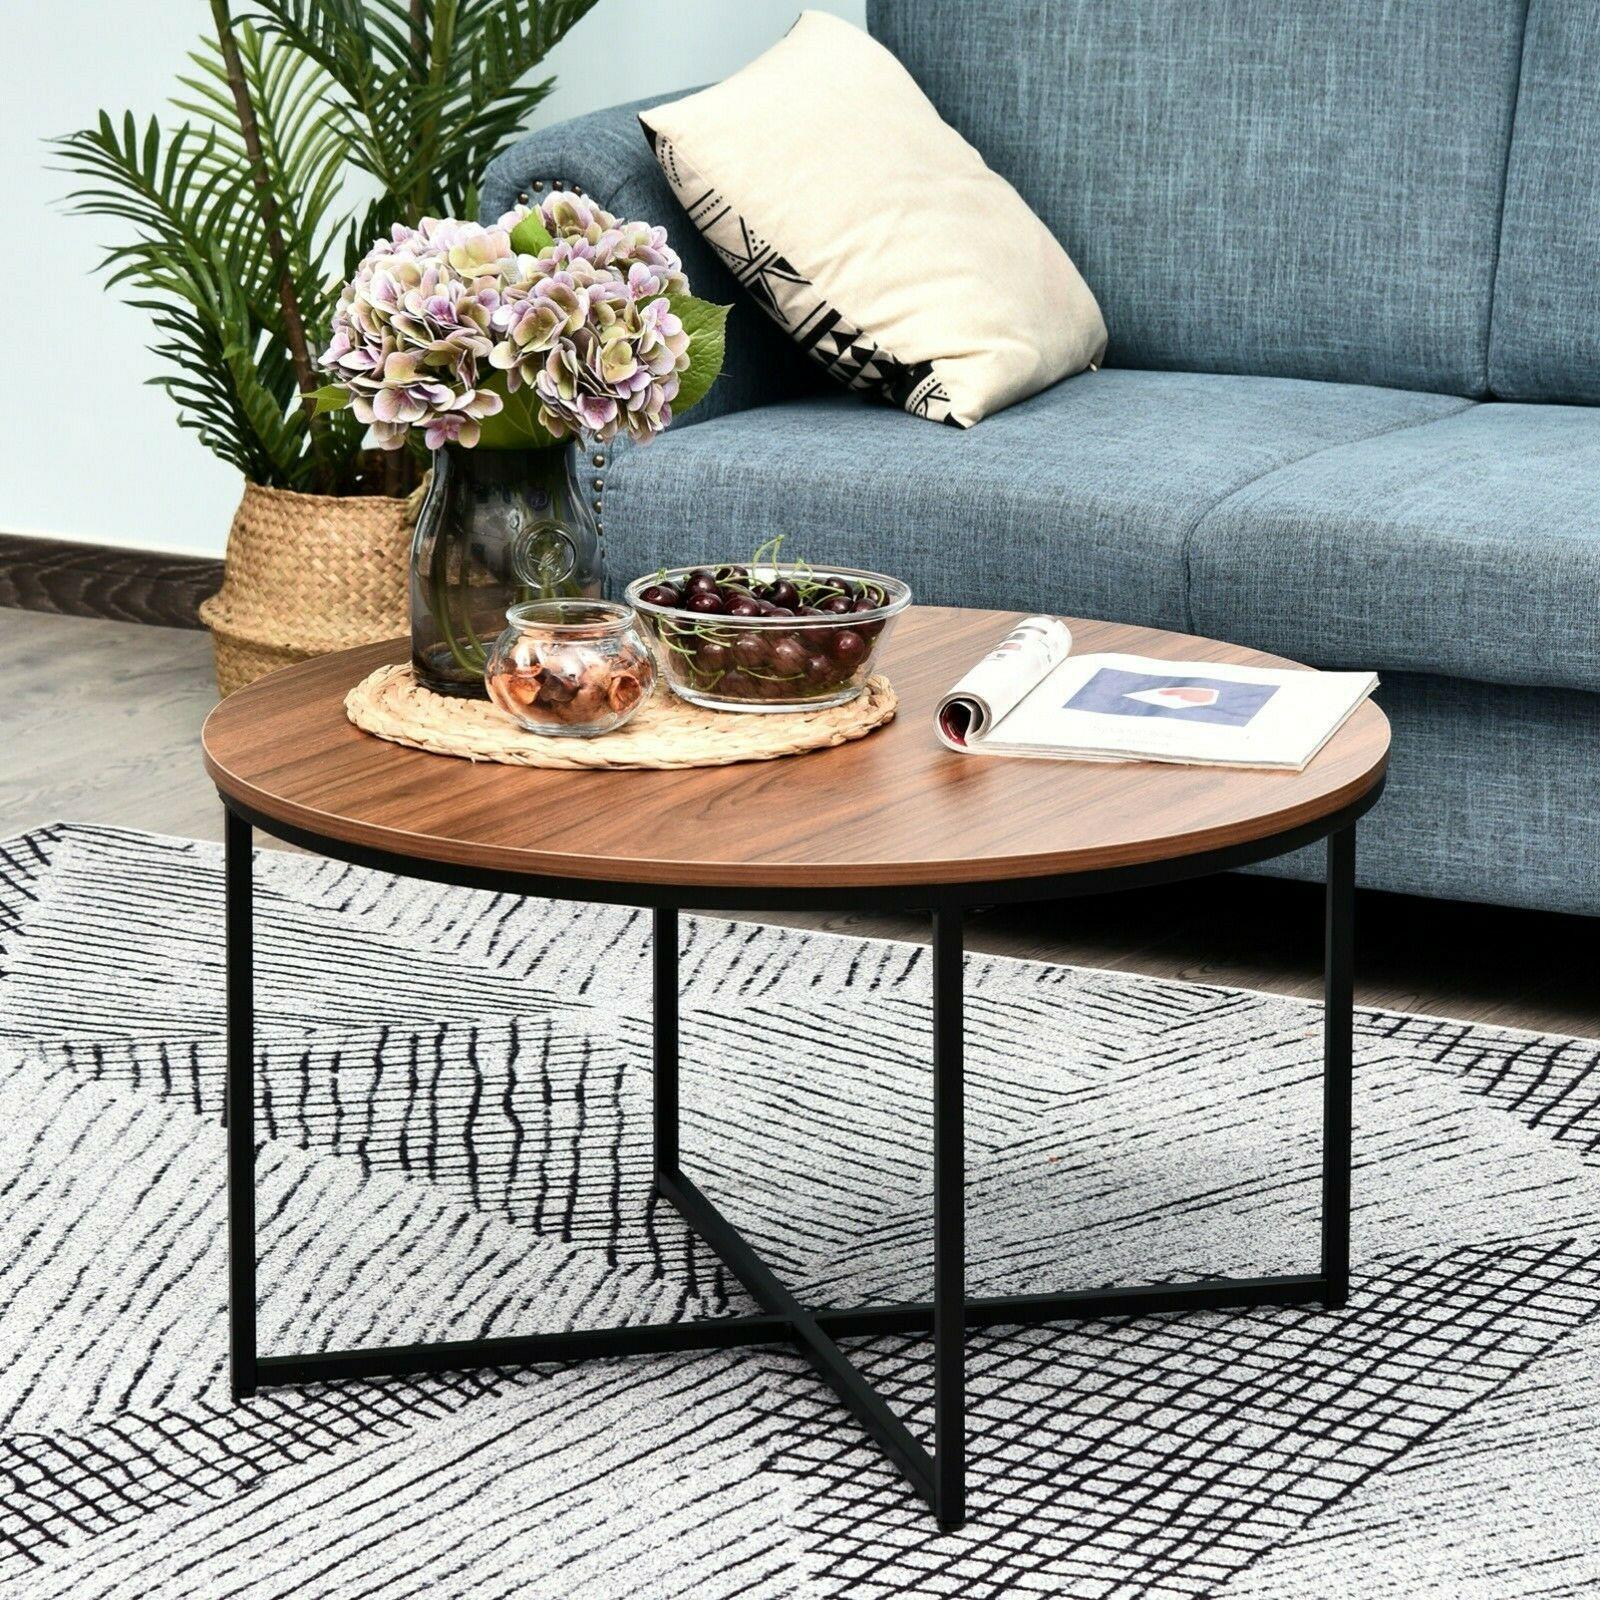 Metal Table Legs Rustic In 2021 Coffee Table Round Coffee Table Living Room Living Room Coffee Table [ jpg ]